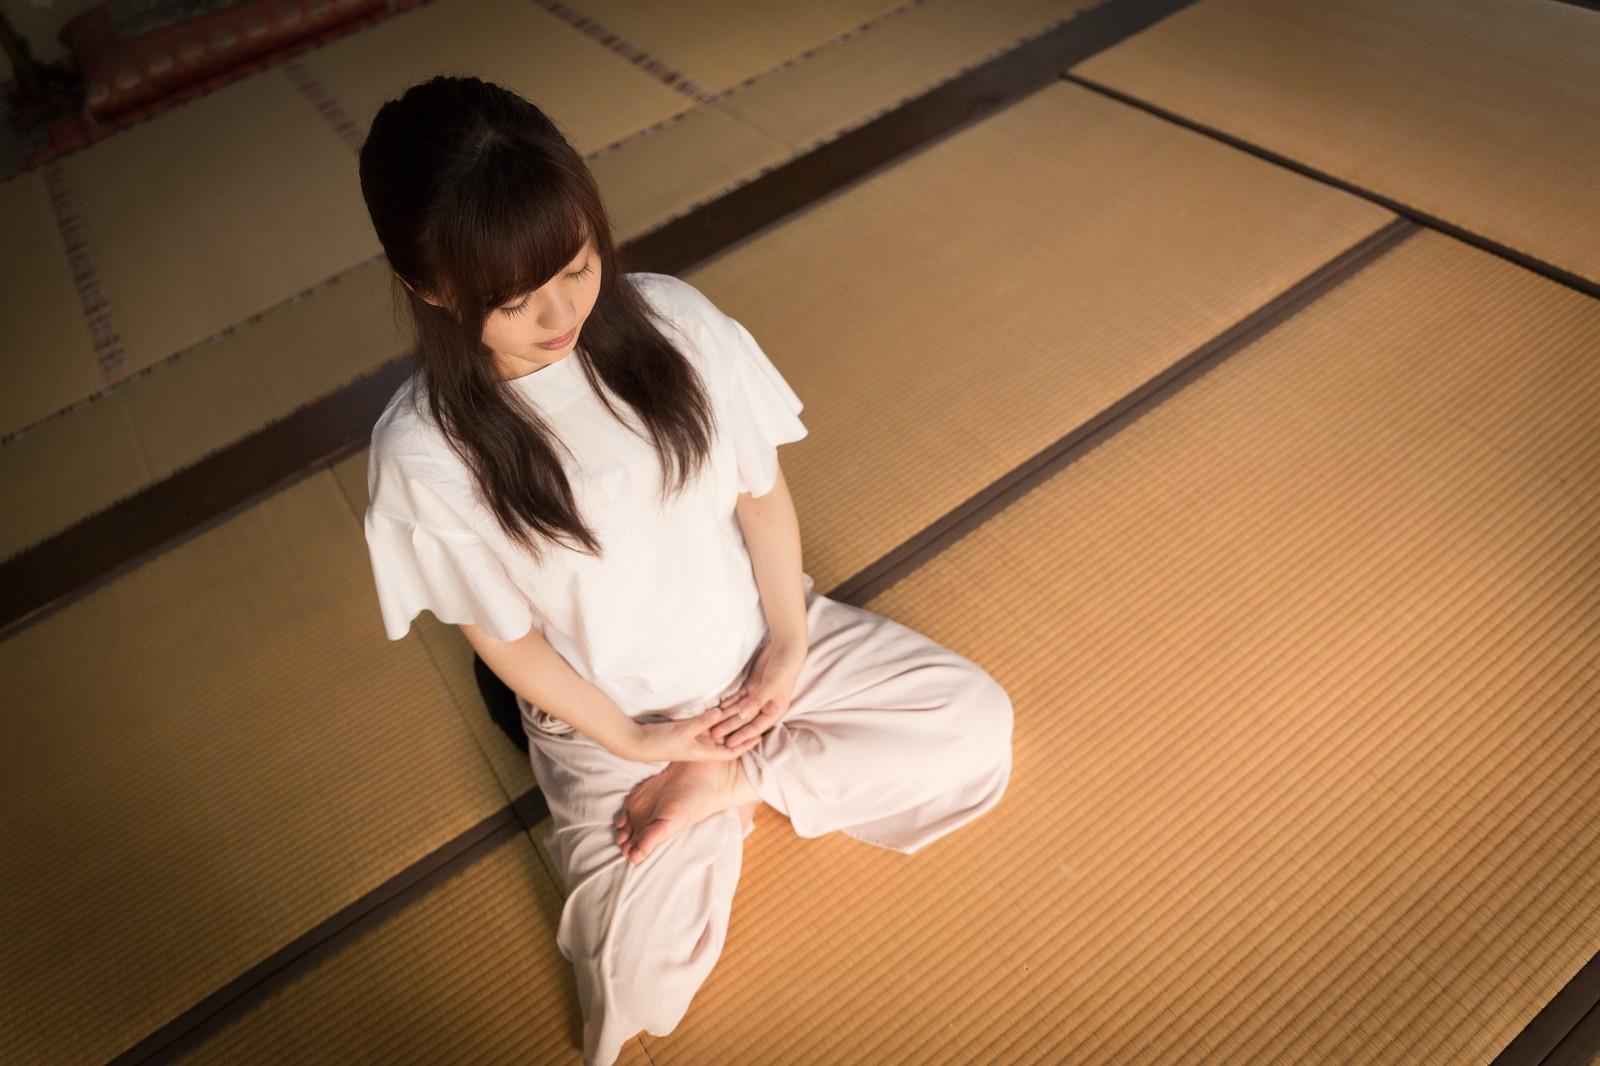 【保存版】ミニマリストが実践している禅の精神5つのポイント!